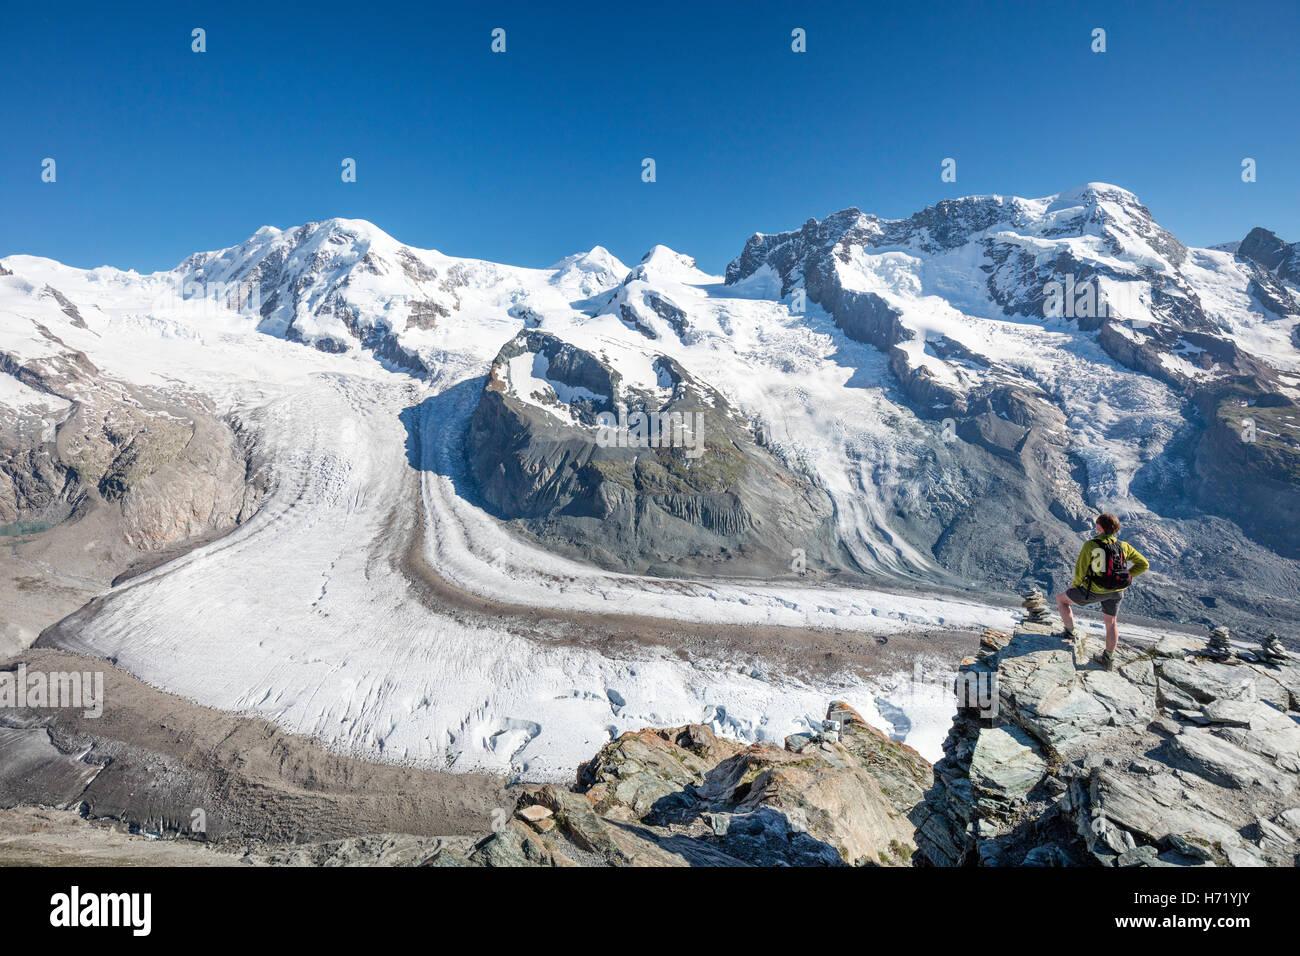 Caminante mirando por encima del Glaciar Gorner y Monte Rosa de Gornergrat. Zermatt, Alpes Peninos, Valais, Suiza. Imagen De Stock